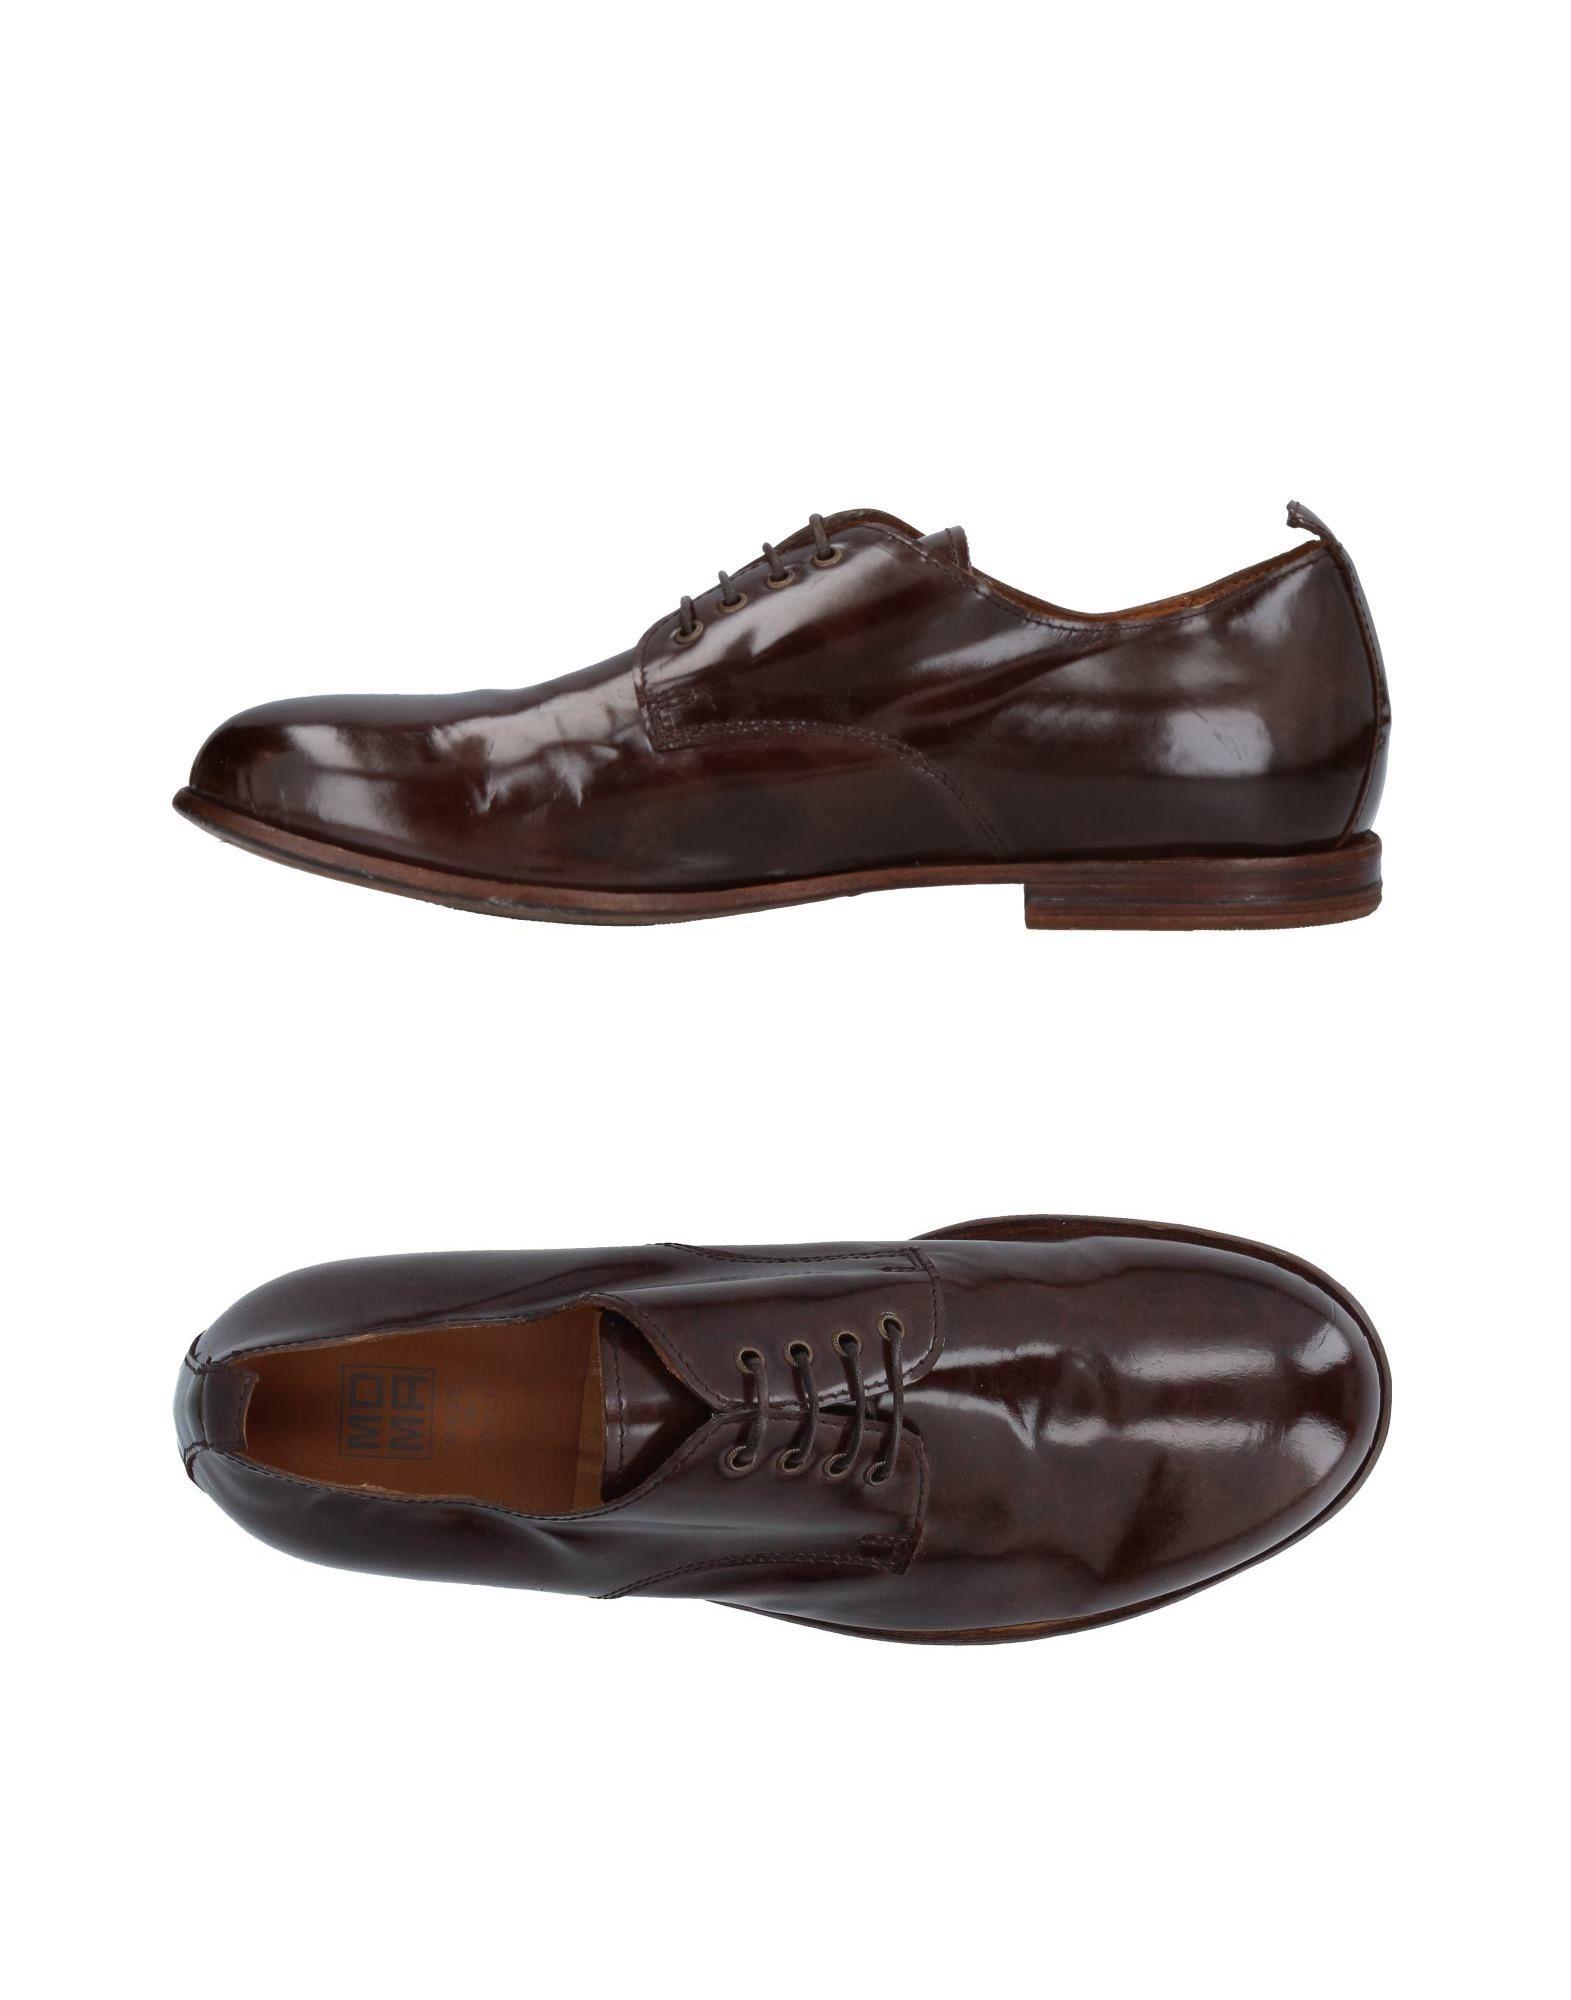 Tiempo limitado Zapato especial  Zapato limitado De Cordones Moma Hombre - Zapatos De Cordones Moma 23dcc2